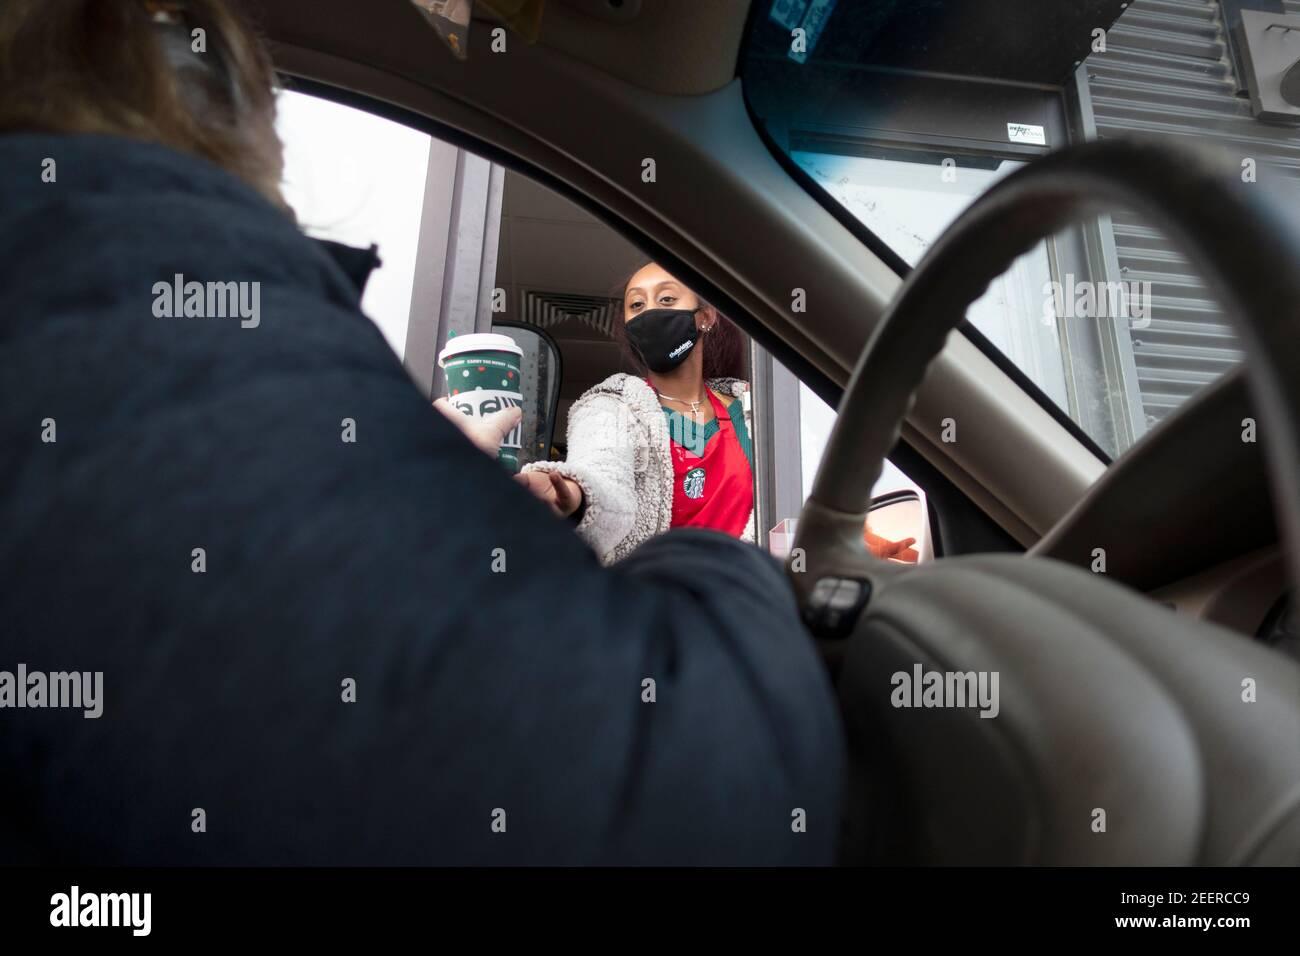 Patrón recibiendo café del servidor en Starbucks Drive-Thru ventana usando máscaras durante Covid Pandemic. St Paul Minnesota MN EE.UU Foto de stock